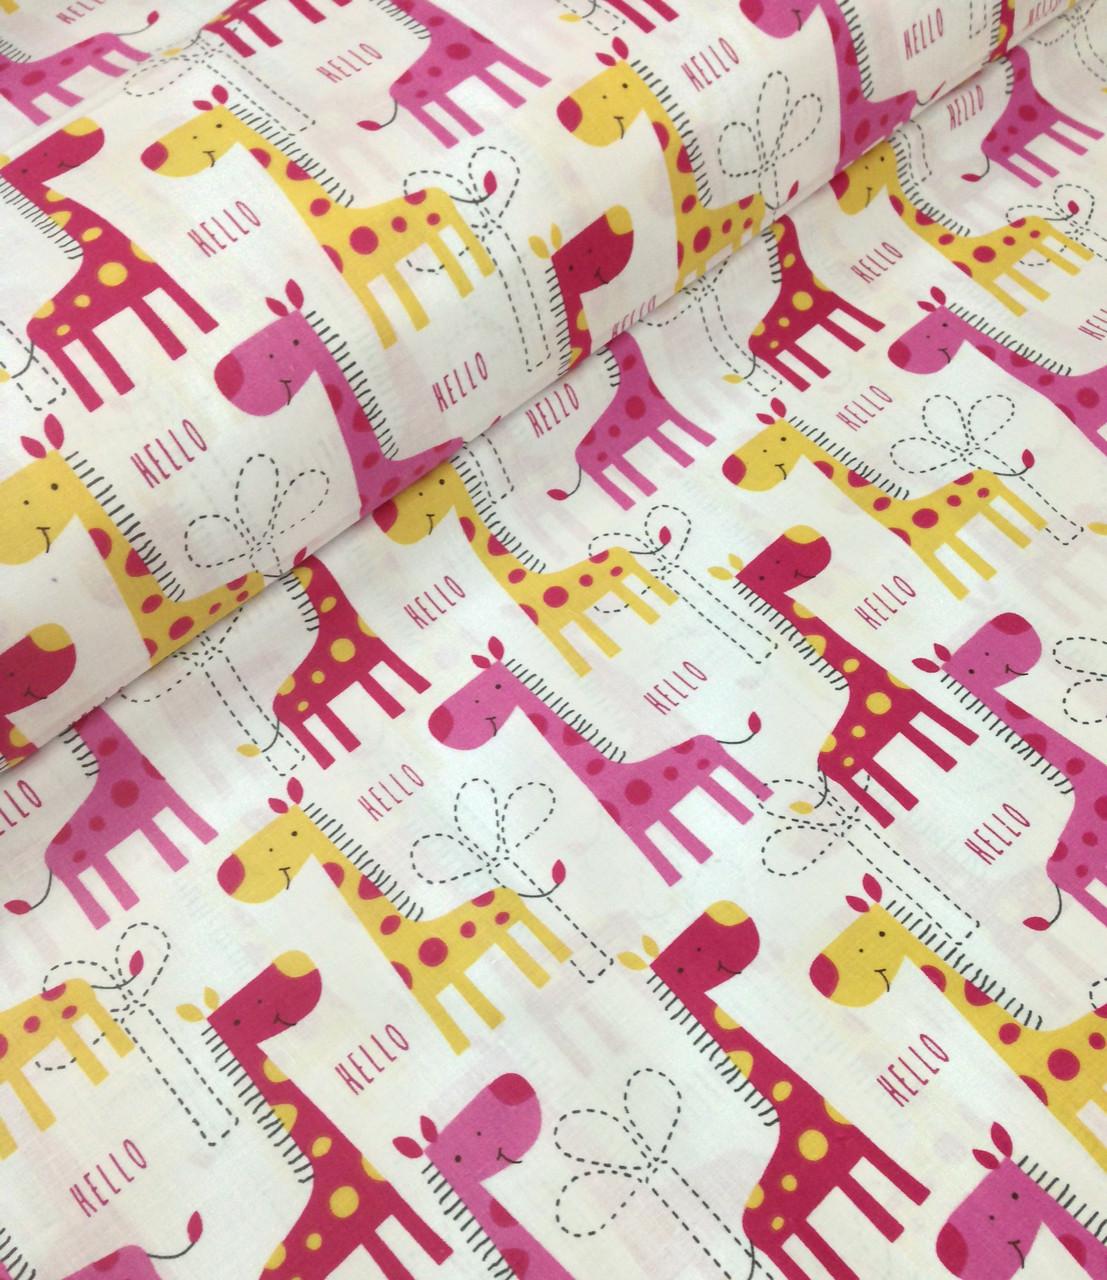 Хлопковая ткань польская жирафы желто-малиновые на белом ОТРЕЗ (размер 0,95*1,6 м)